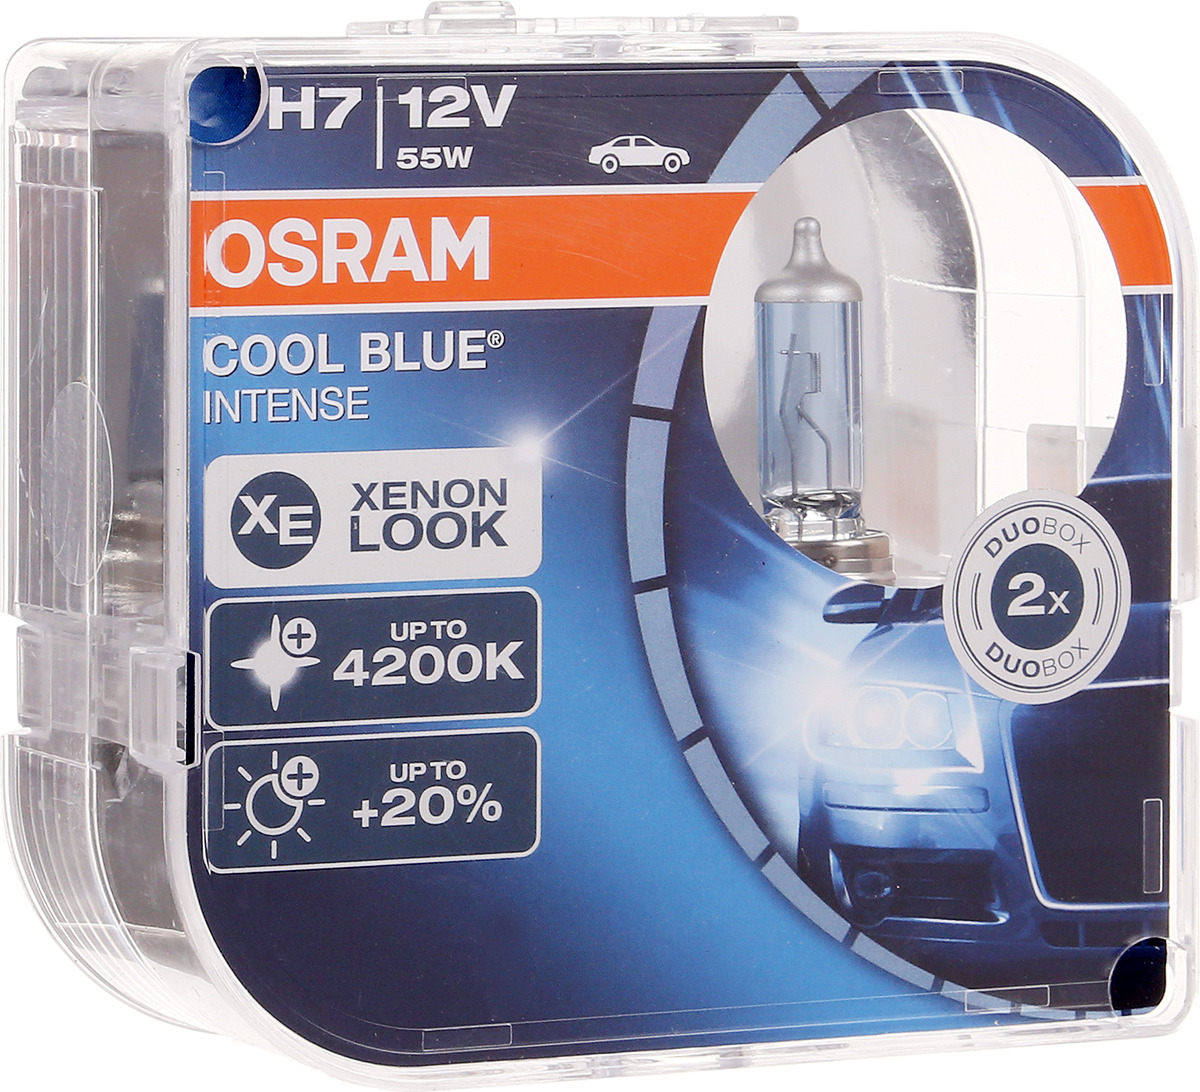 Лампа автомобильная галогенная Osram Cool Blue Intense, для фар, цоколь H7 (PX26d), 12V, 55W, 2 шт автомобильная лампа h7 55w blue vision plus 2 шт philips